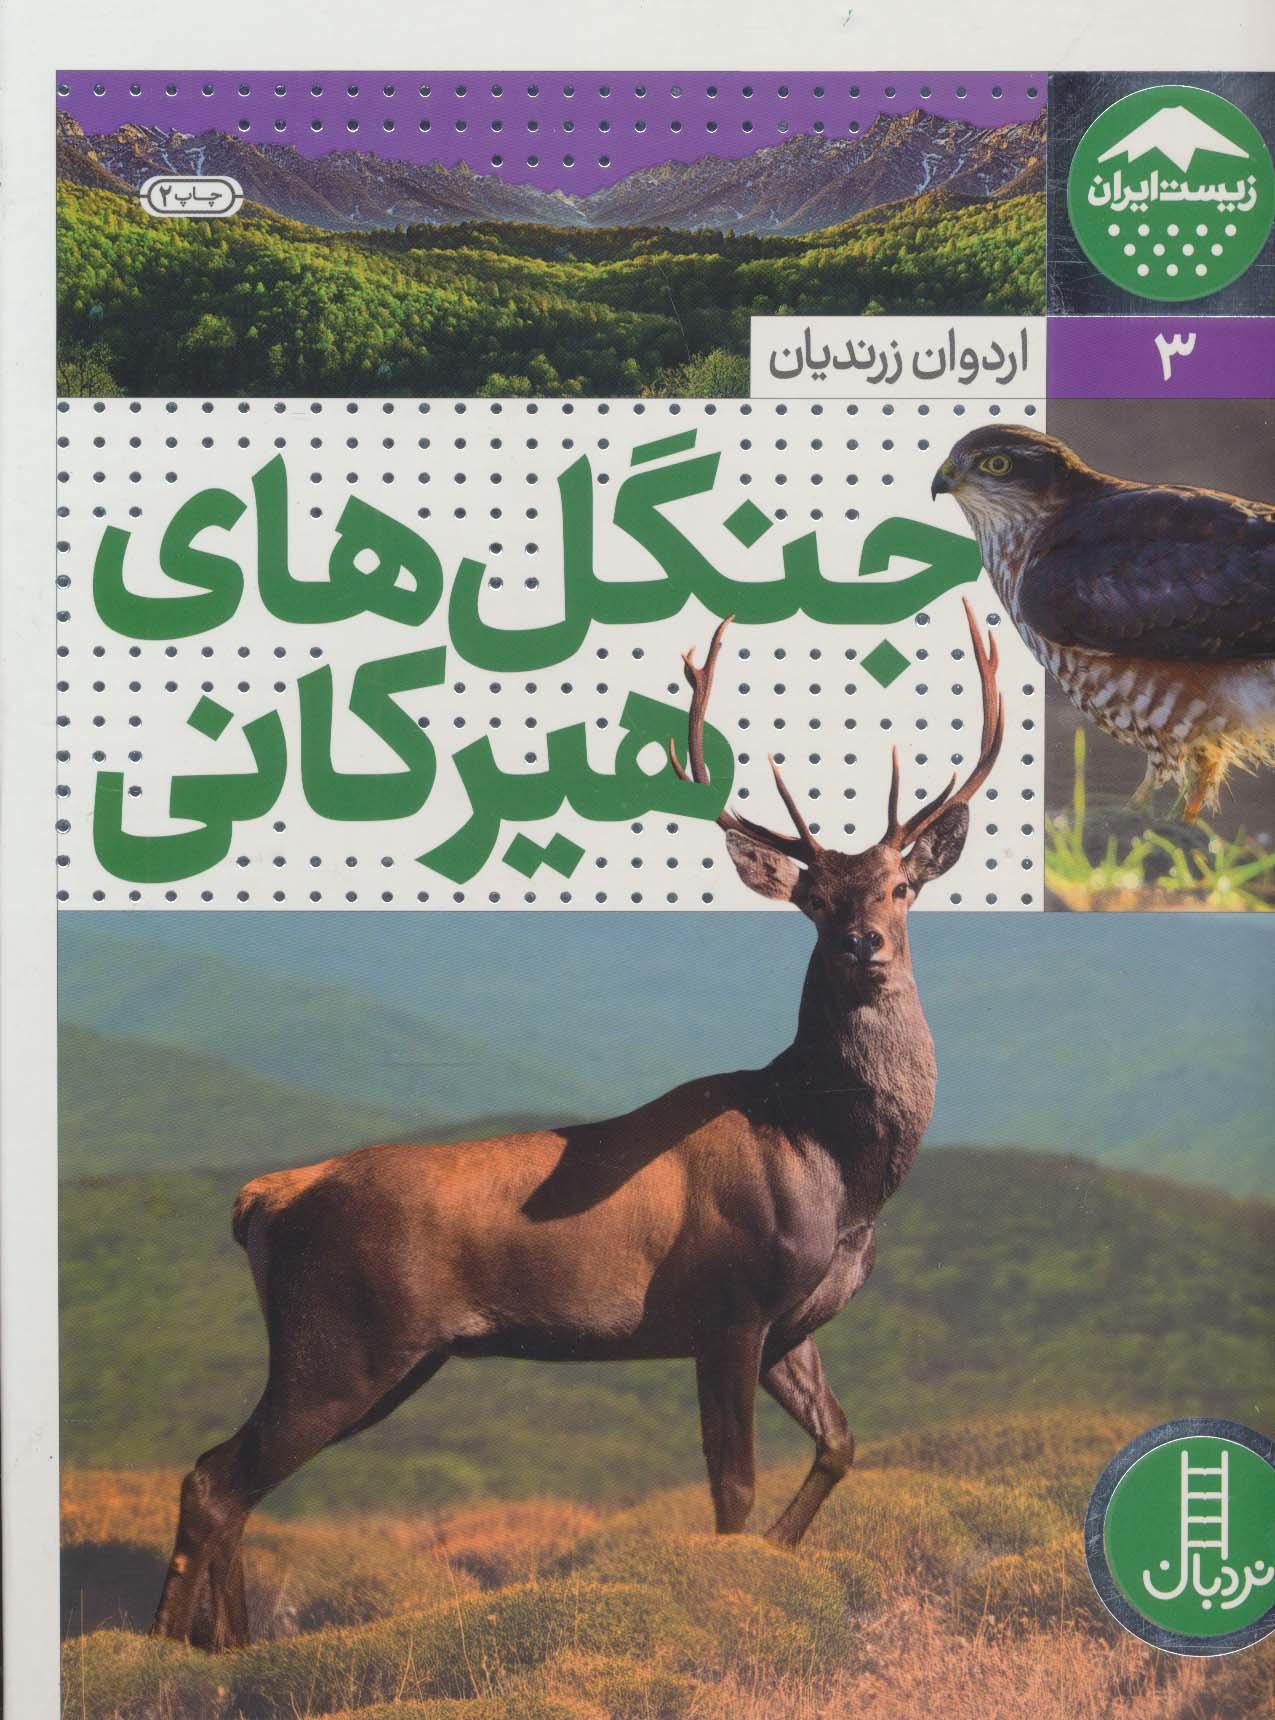 جنگل های هیرکانی (زیست ایران 3)،(گلاسه)